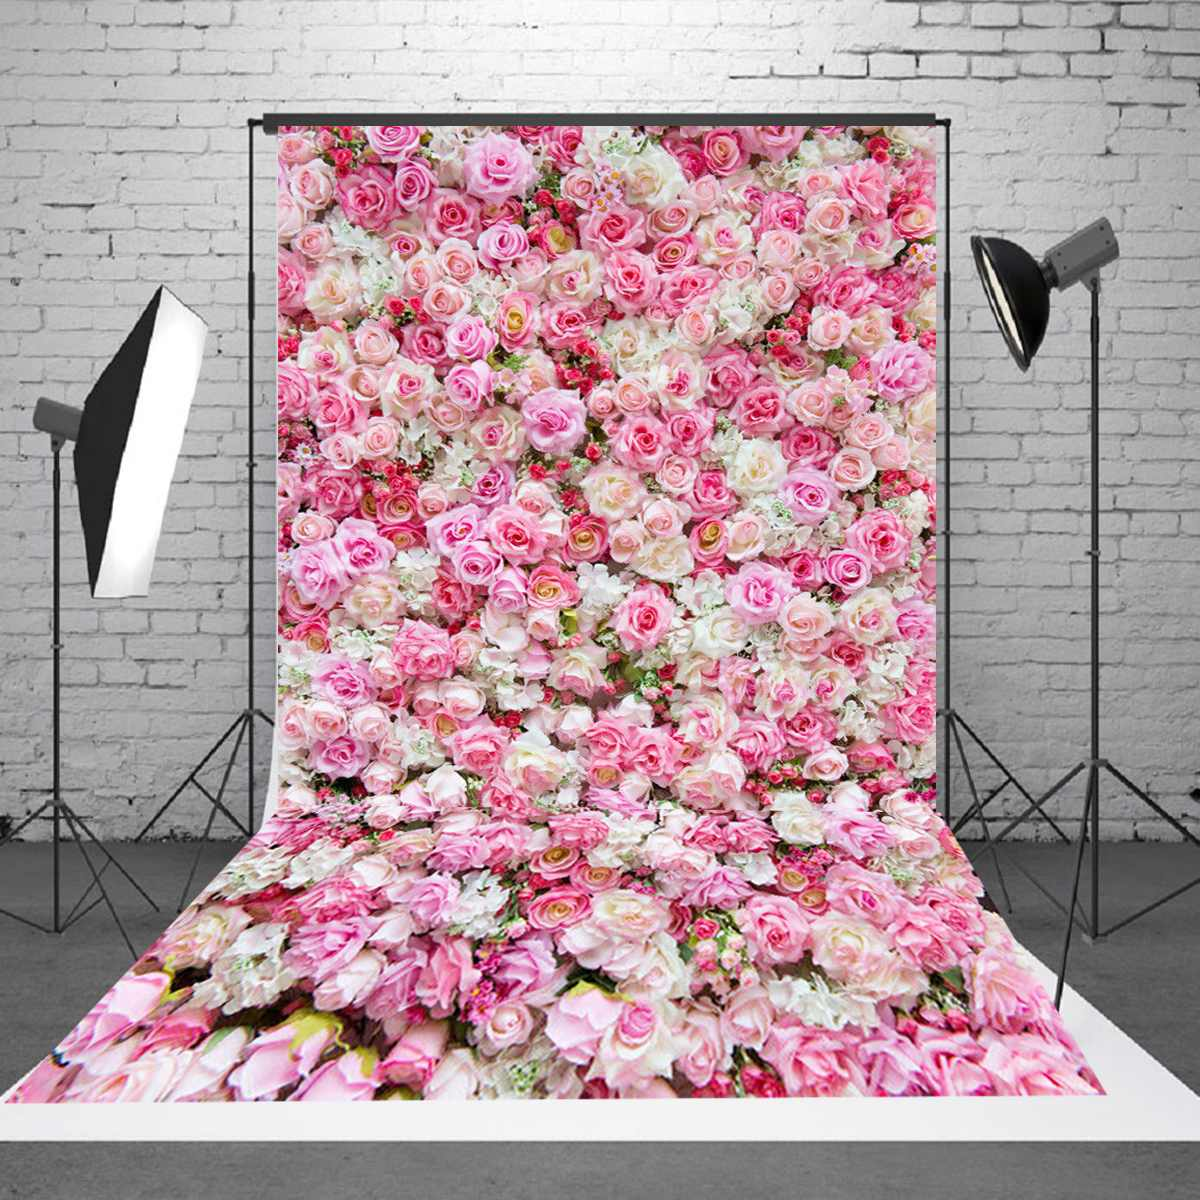 1,5x2,1 м 5x7 футов Свадебная Роза 3D цветы стена студия фон фотография фото фон ткань